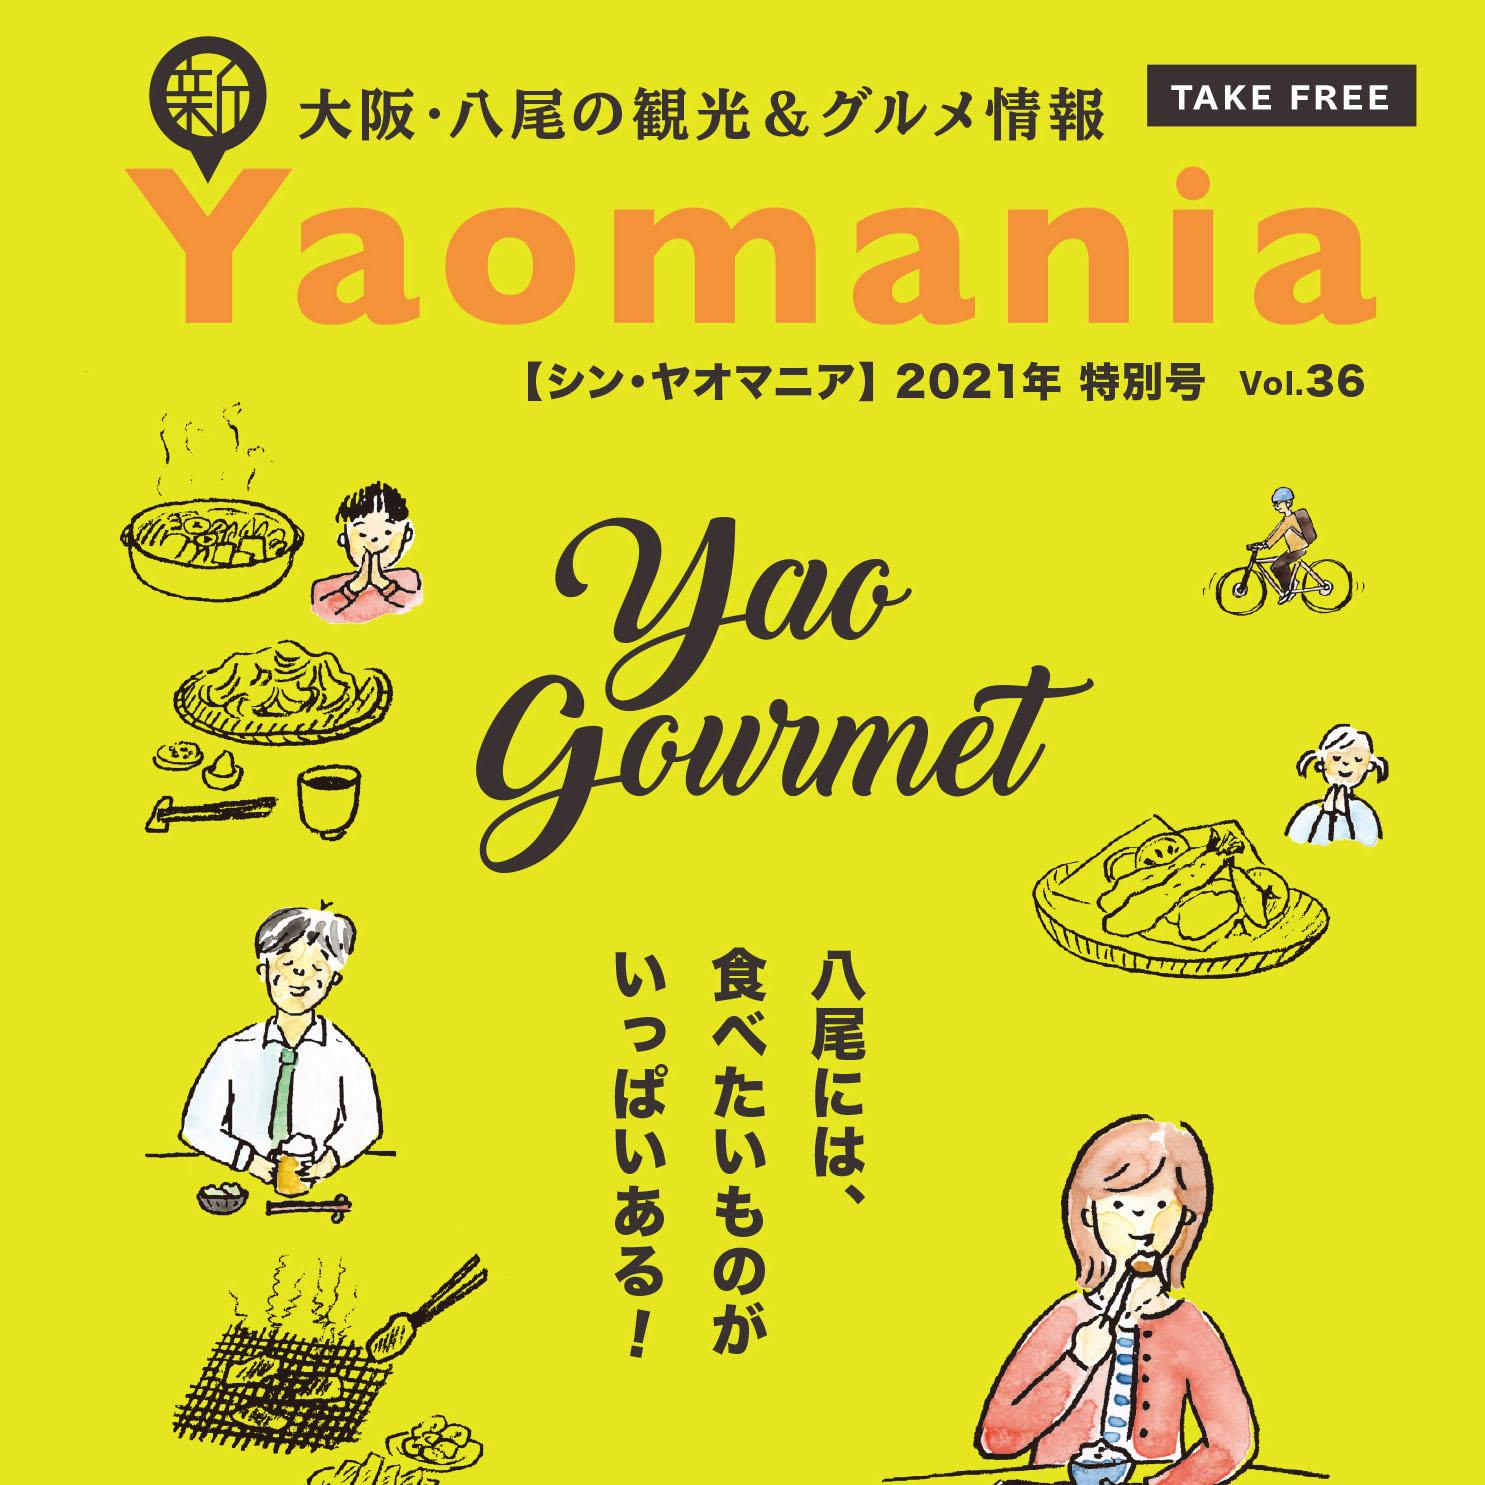 新Yaomania(シン・ヤオマニア)特別号|2021.3.31 グルメ特集(大阪府八尾市)